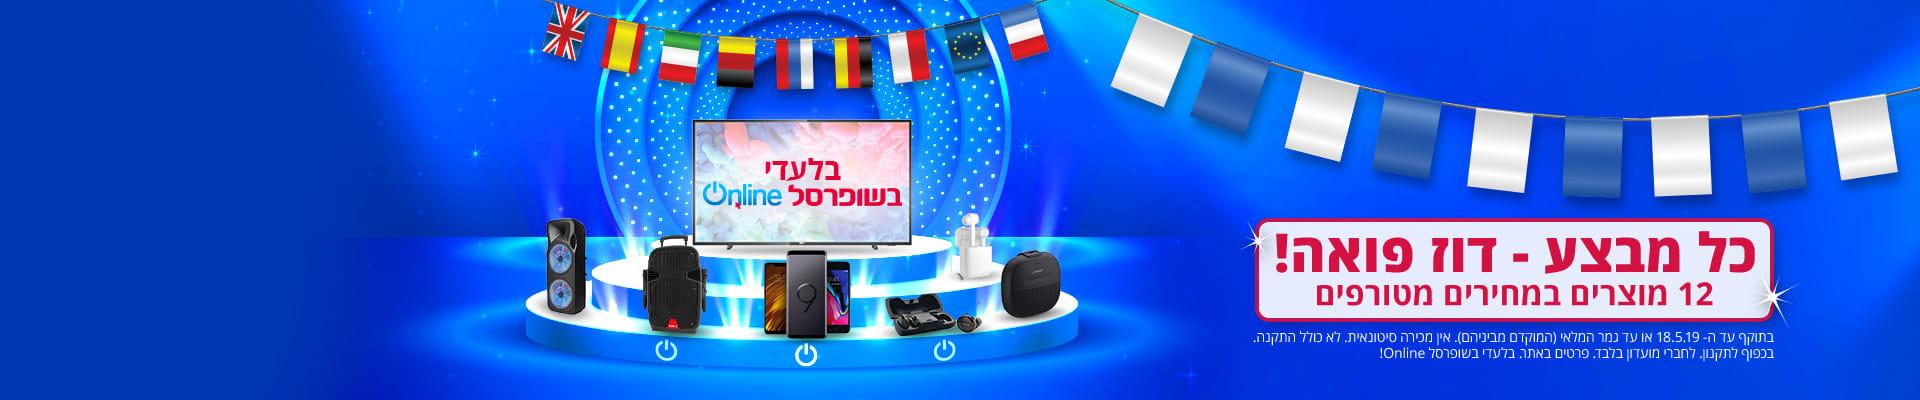 duz_puaa_eurovision_site_banner_1920x400_NO_BTN.jpg